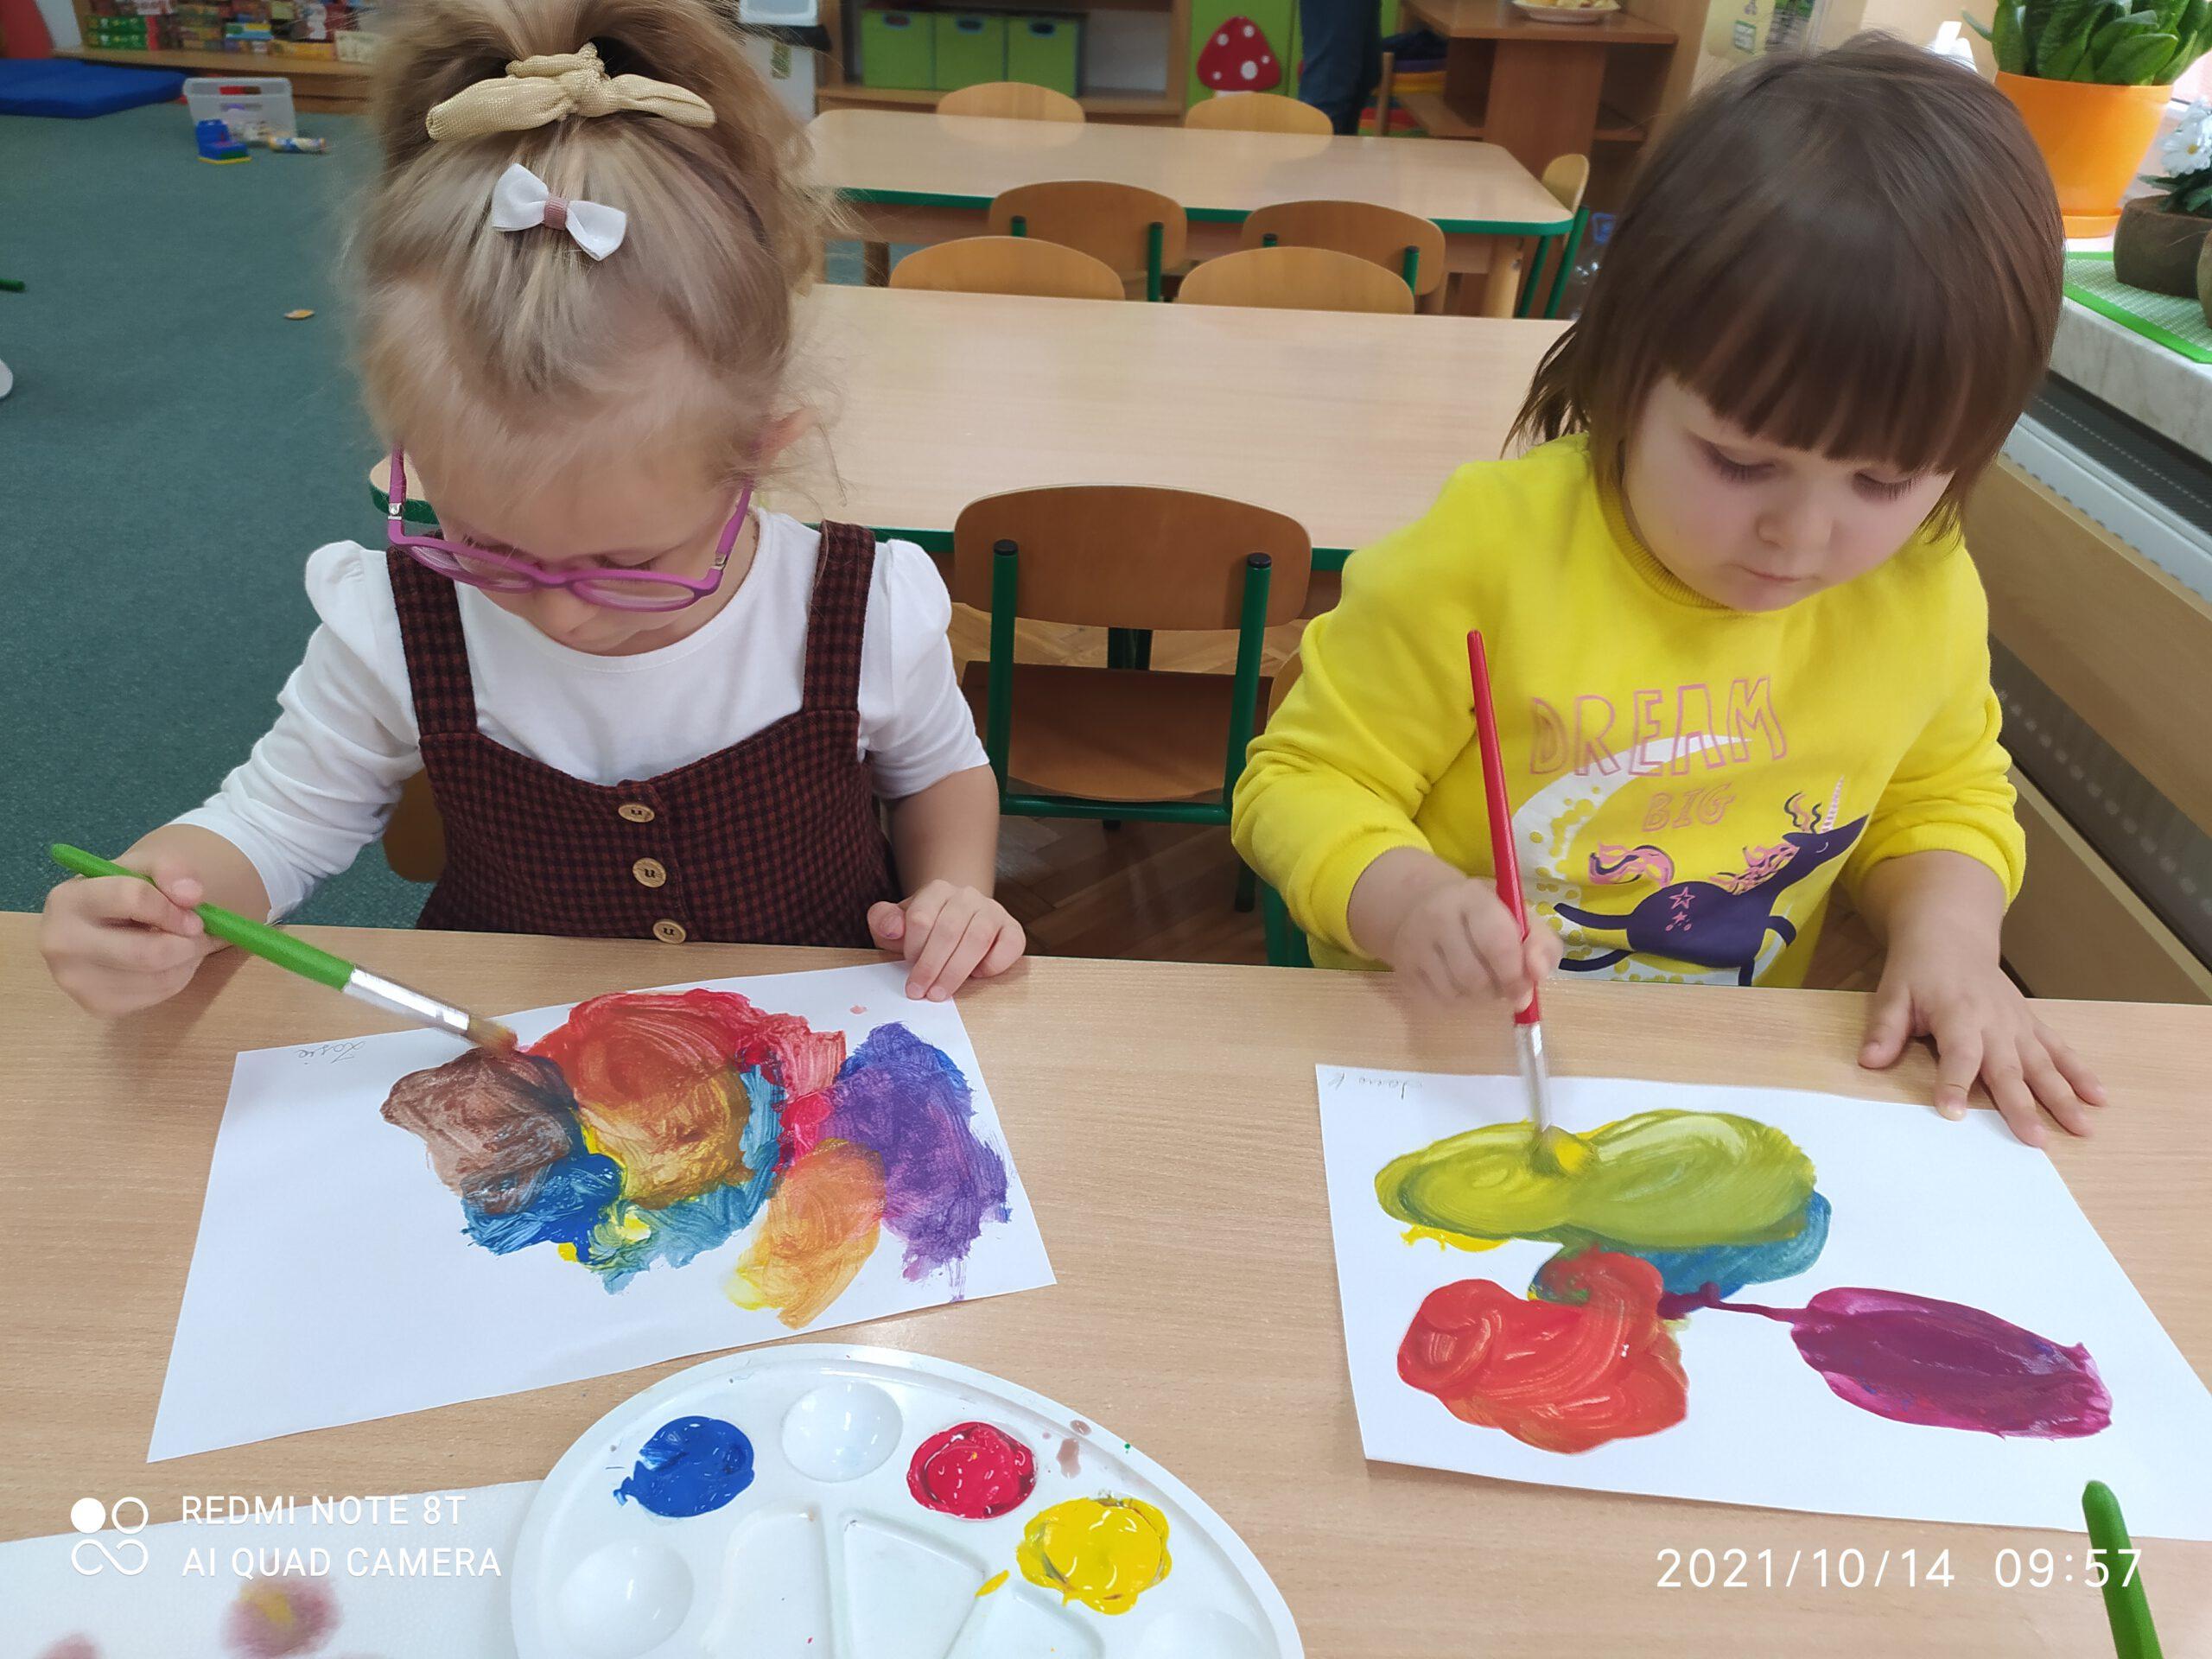 Dzieci poznają kolory podstawowe: żółty, czerwony i niebieski oraz różnicę między kolorem, z barwą. Połączenie koloru żółtego z czerwonym daje nam kolor pomarańczowy.